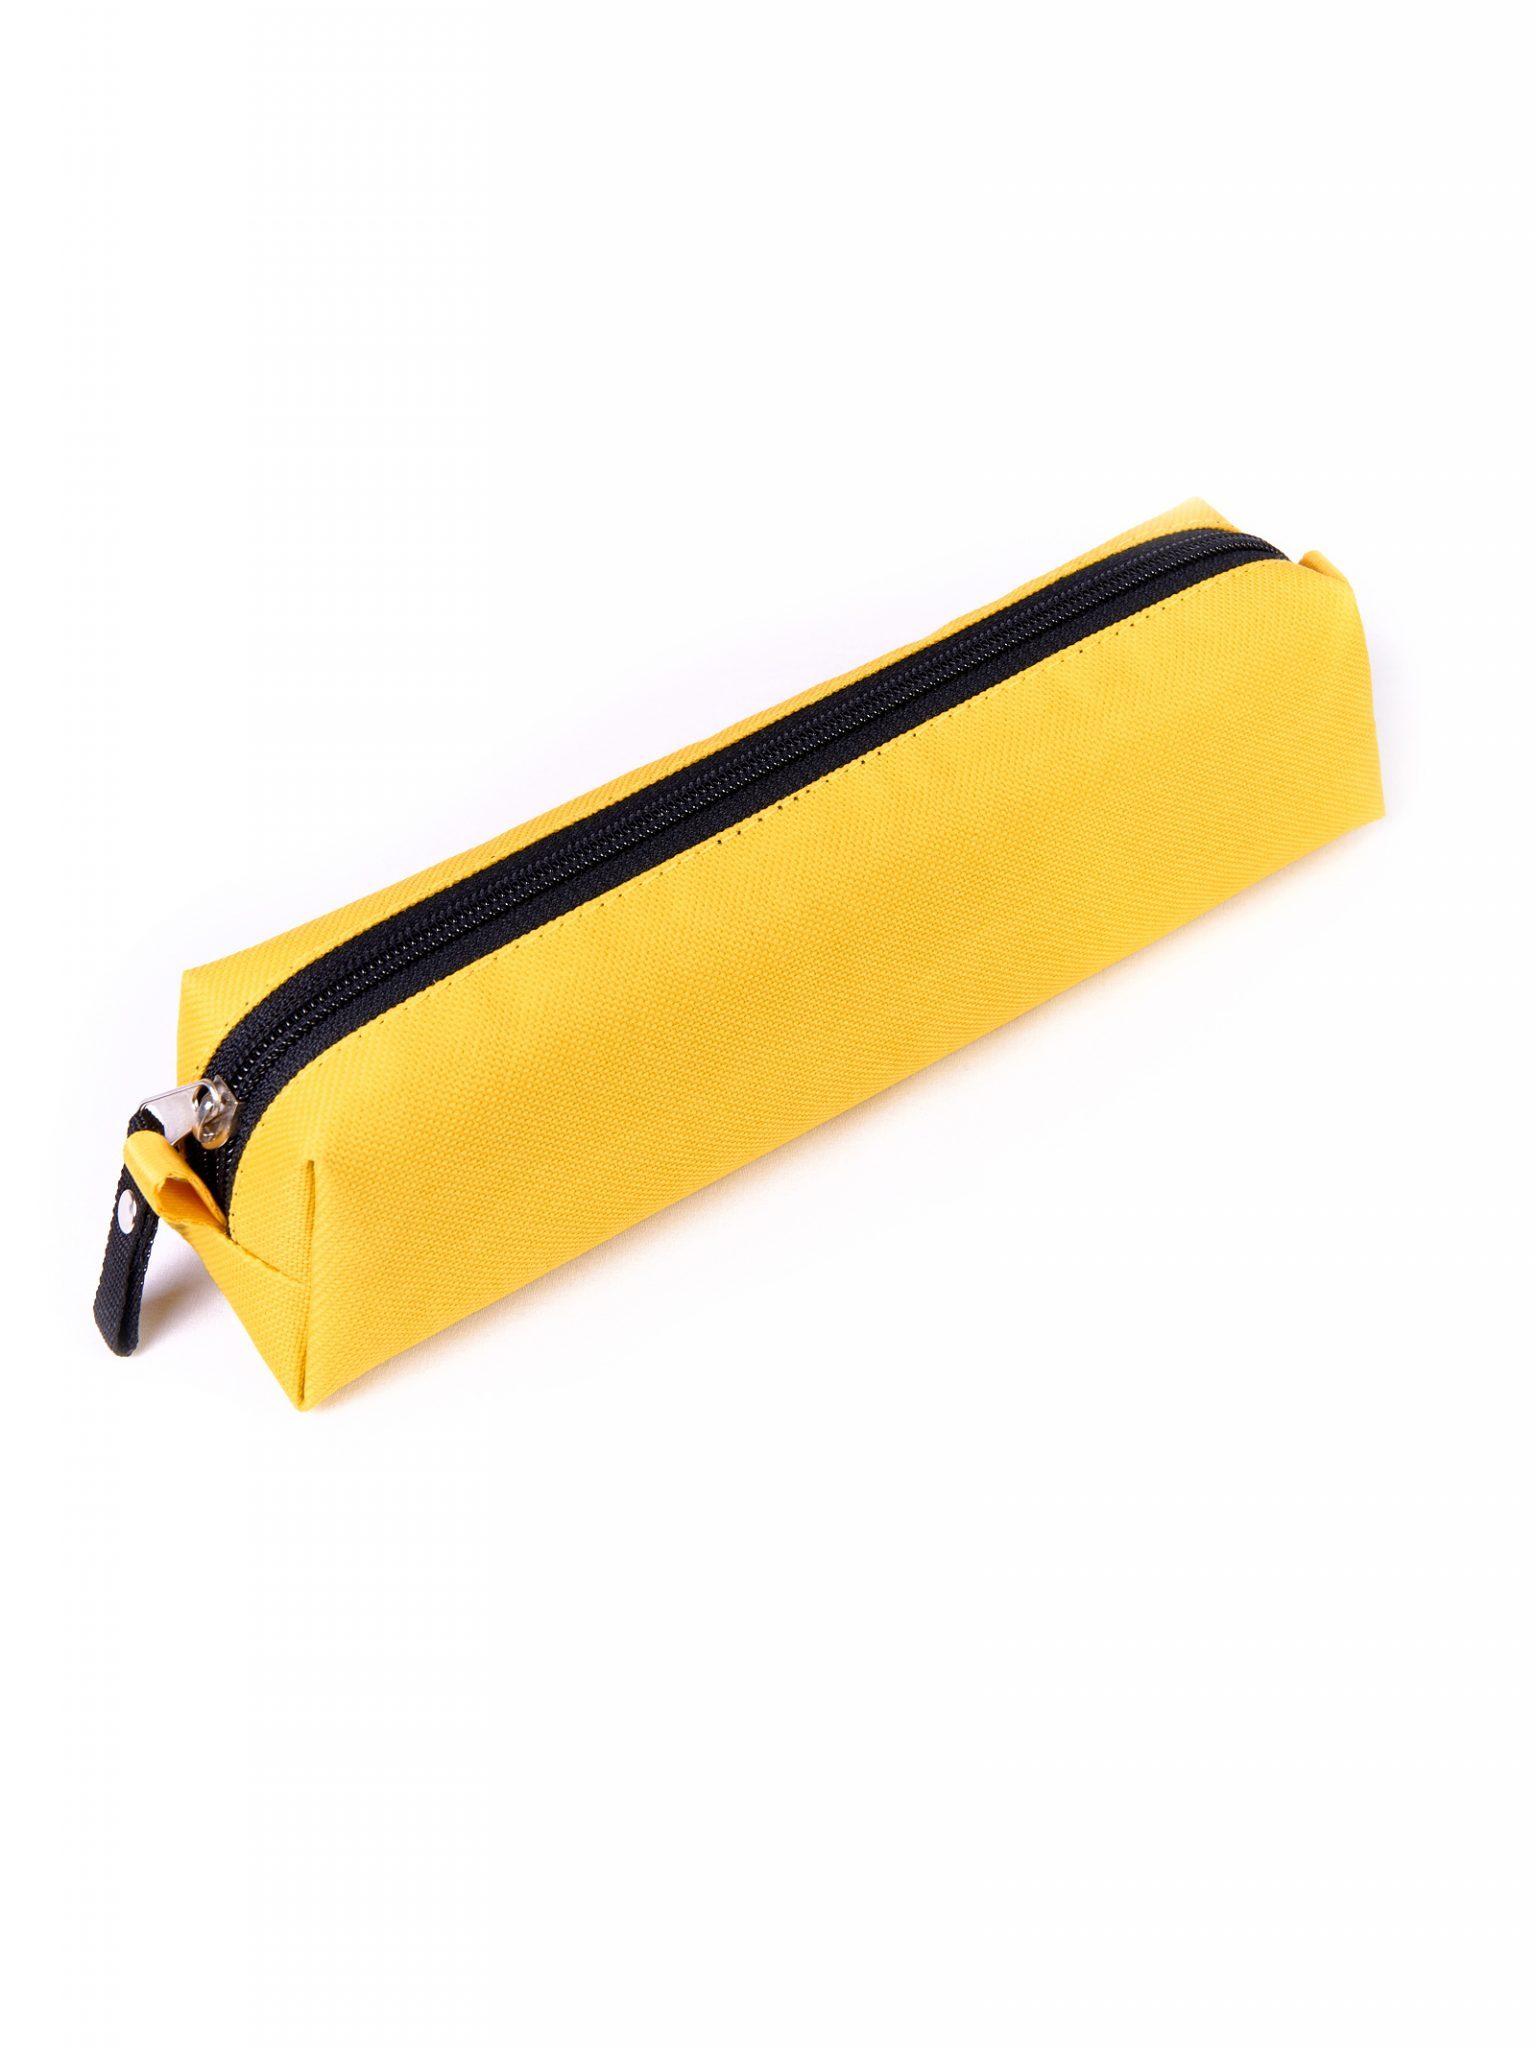 Пенал модель: Rondo цвет: Желтый